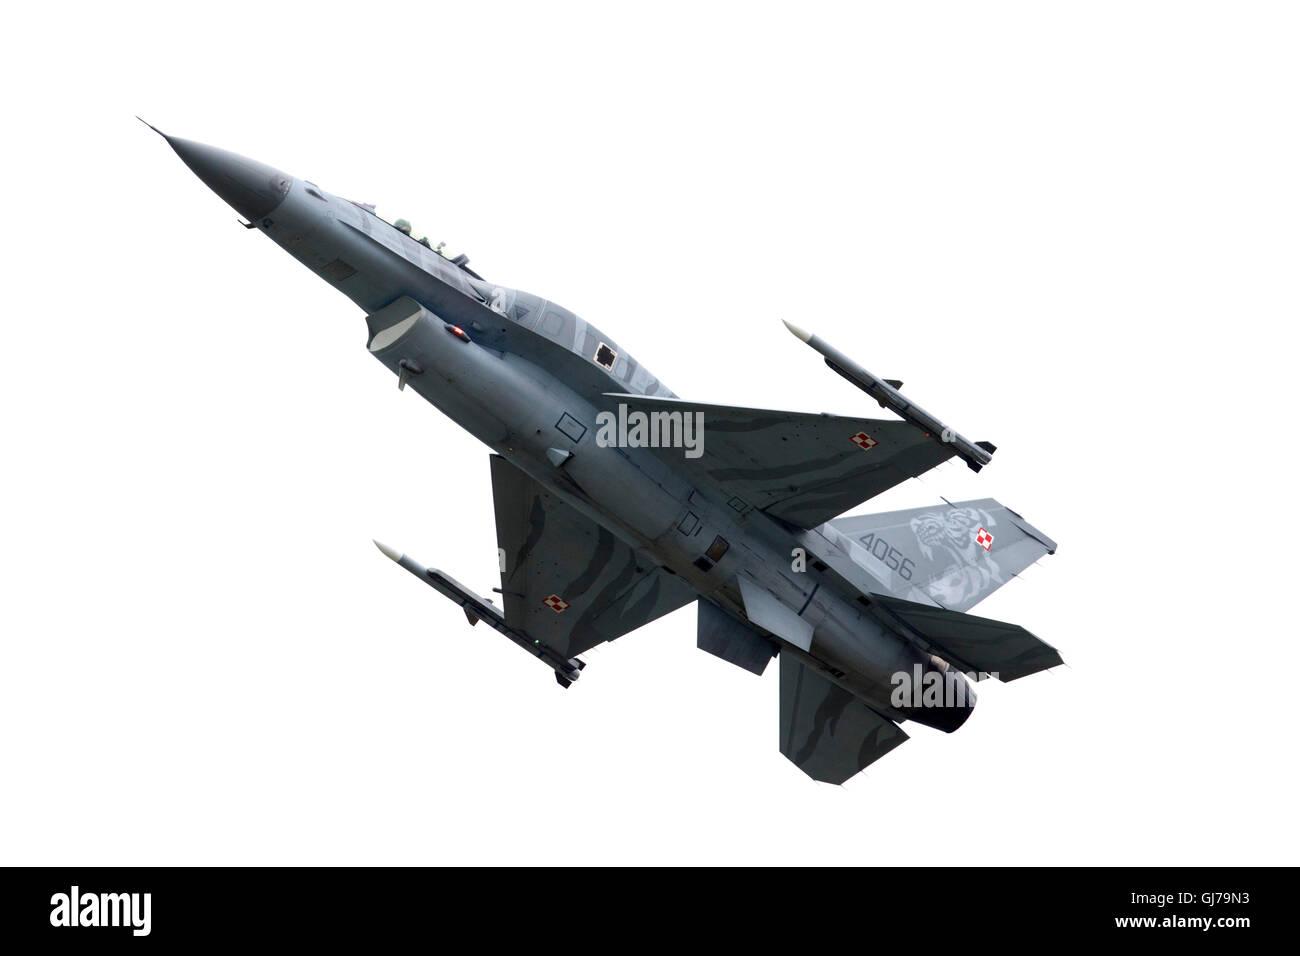 La Fuerza Aérea polaca F-16C combates Falcon en RIAT 2016, Royal International Air Tattoo Foto de stock